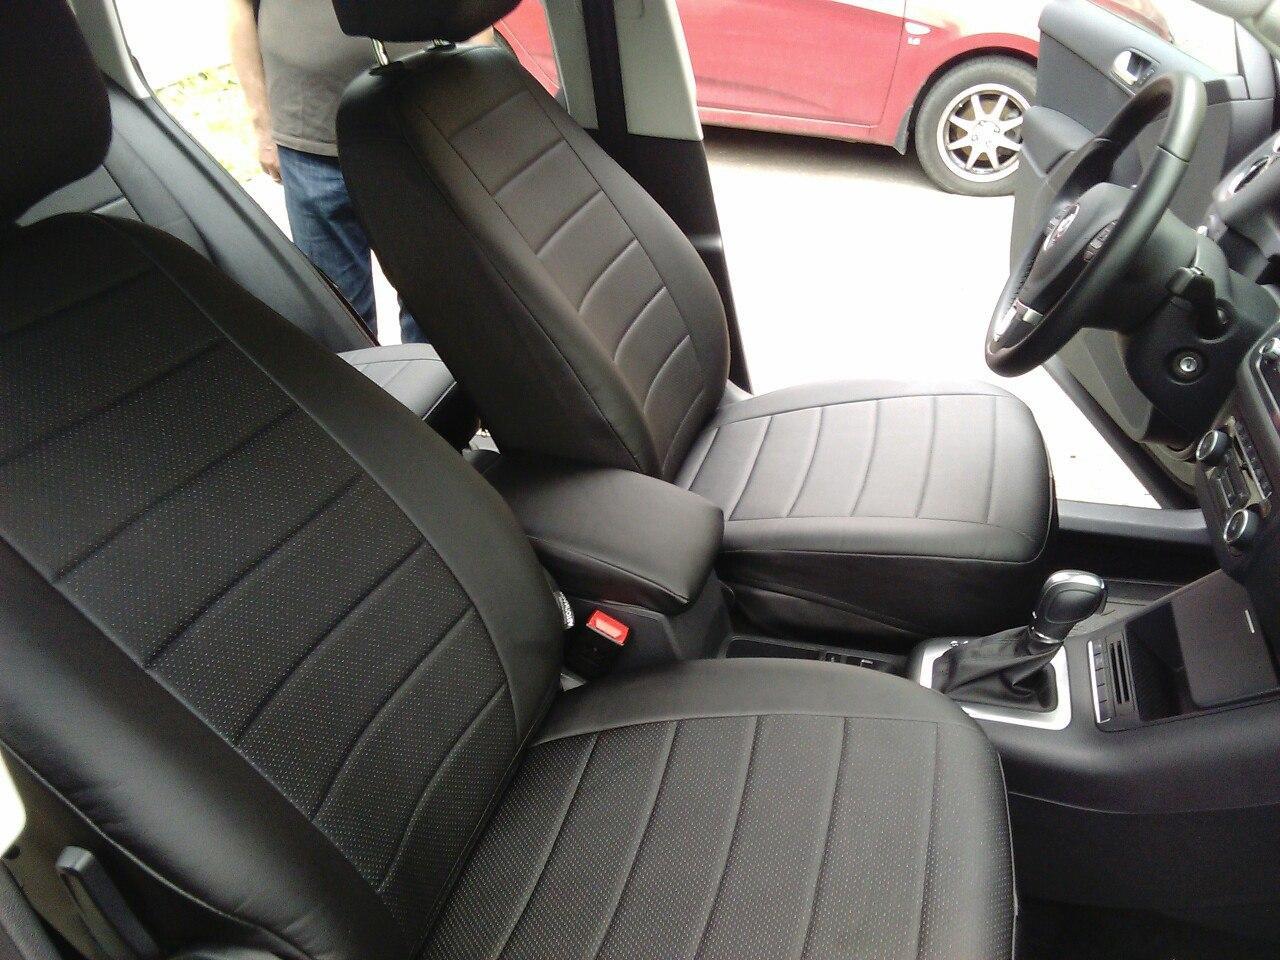 Авточехлы модельные чехлы Эко-кожа Комбинированные Volkswagen Sharan Фольксваген Шаран  Оригинал